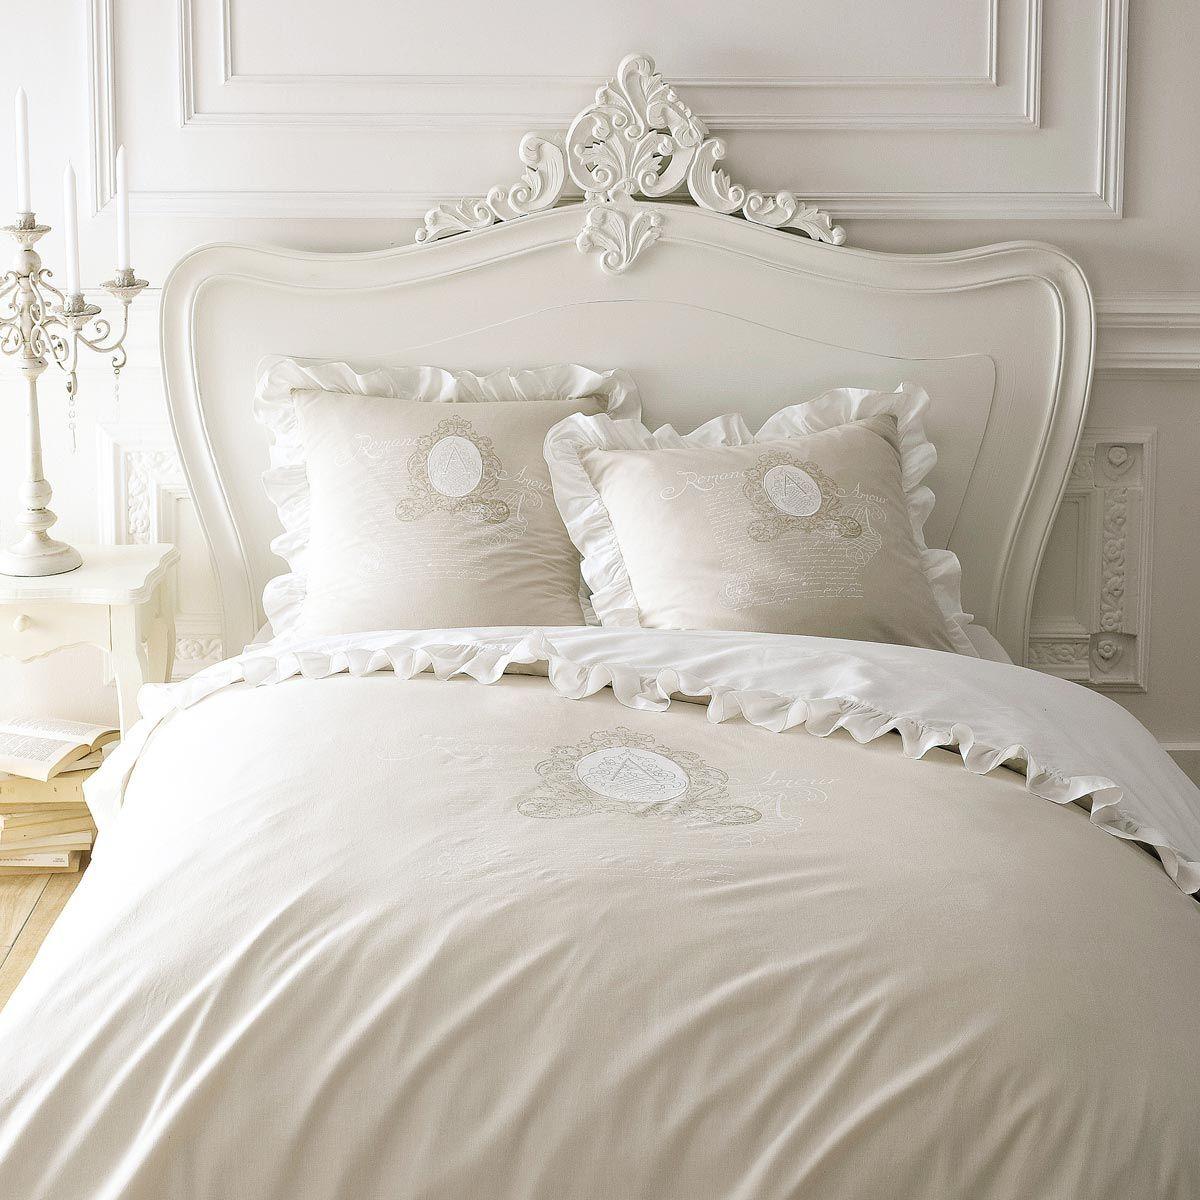 Tête de lit blanche L160 | Parure housse de couette, Oreiller et ...